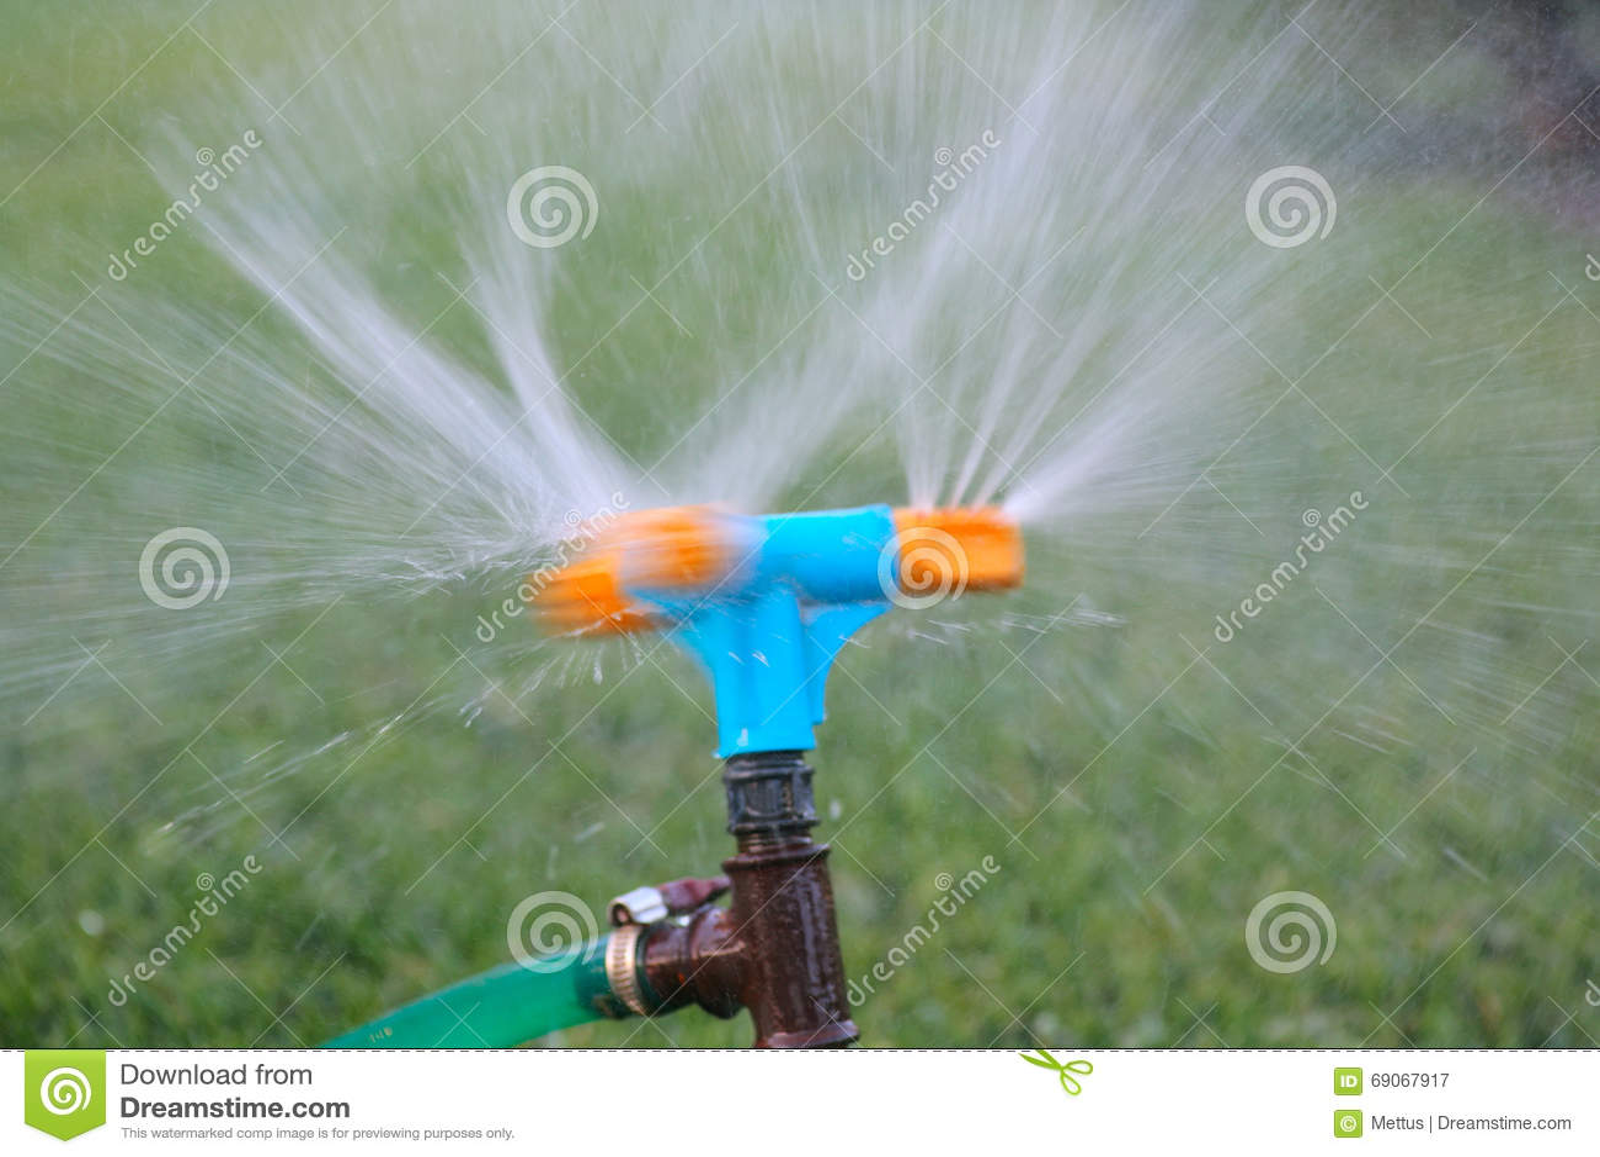 herbe de arrosage d 39 arroseuse bleue et orange pelouse de arrosage de syst me d 39 irrigation de. Black Bedroom Furniture Sets. Home Design Ideas